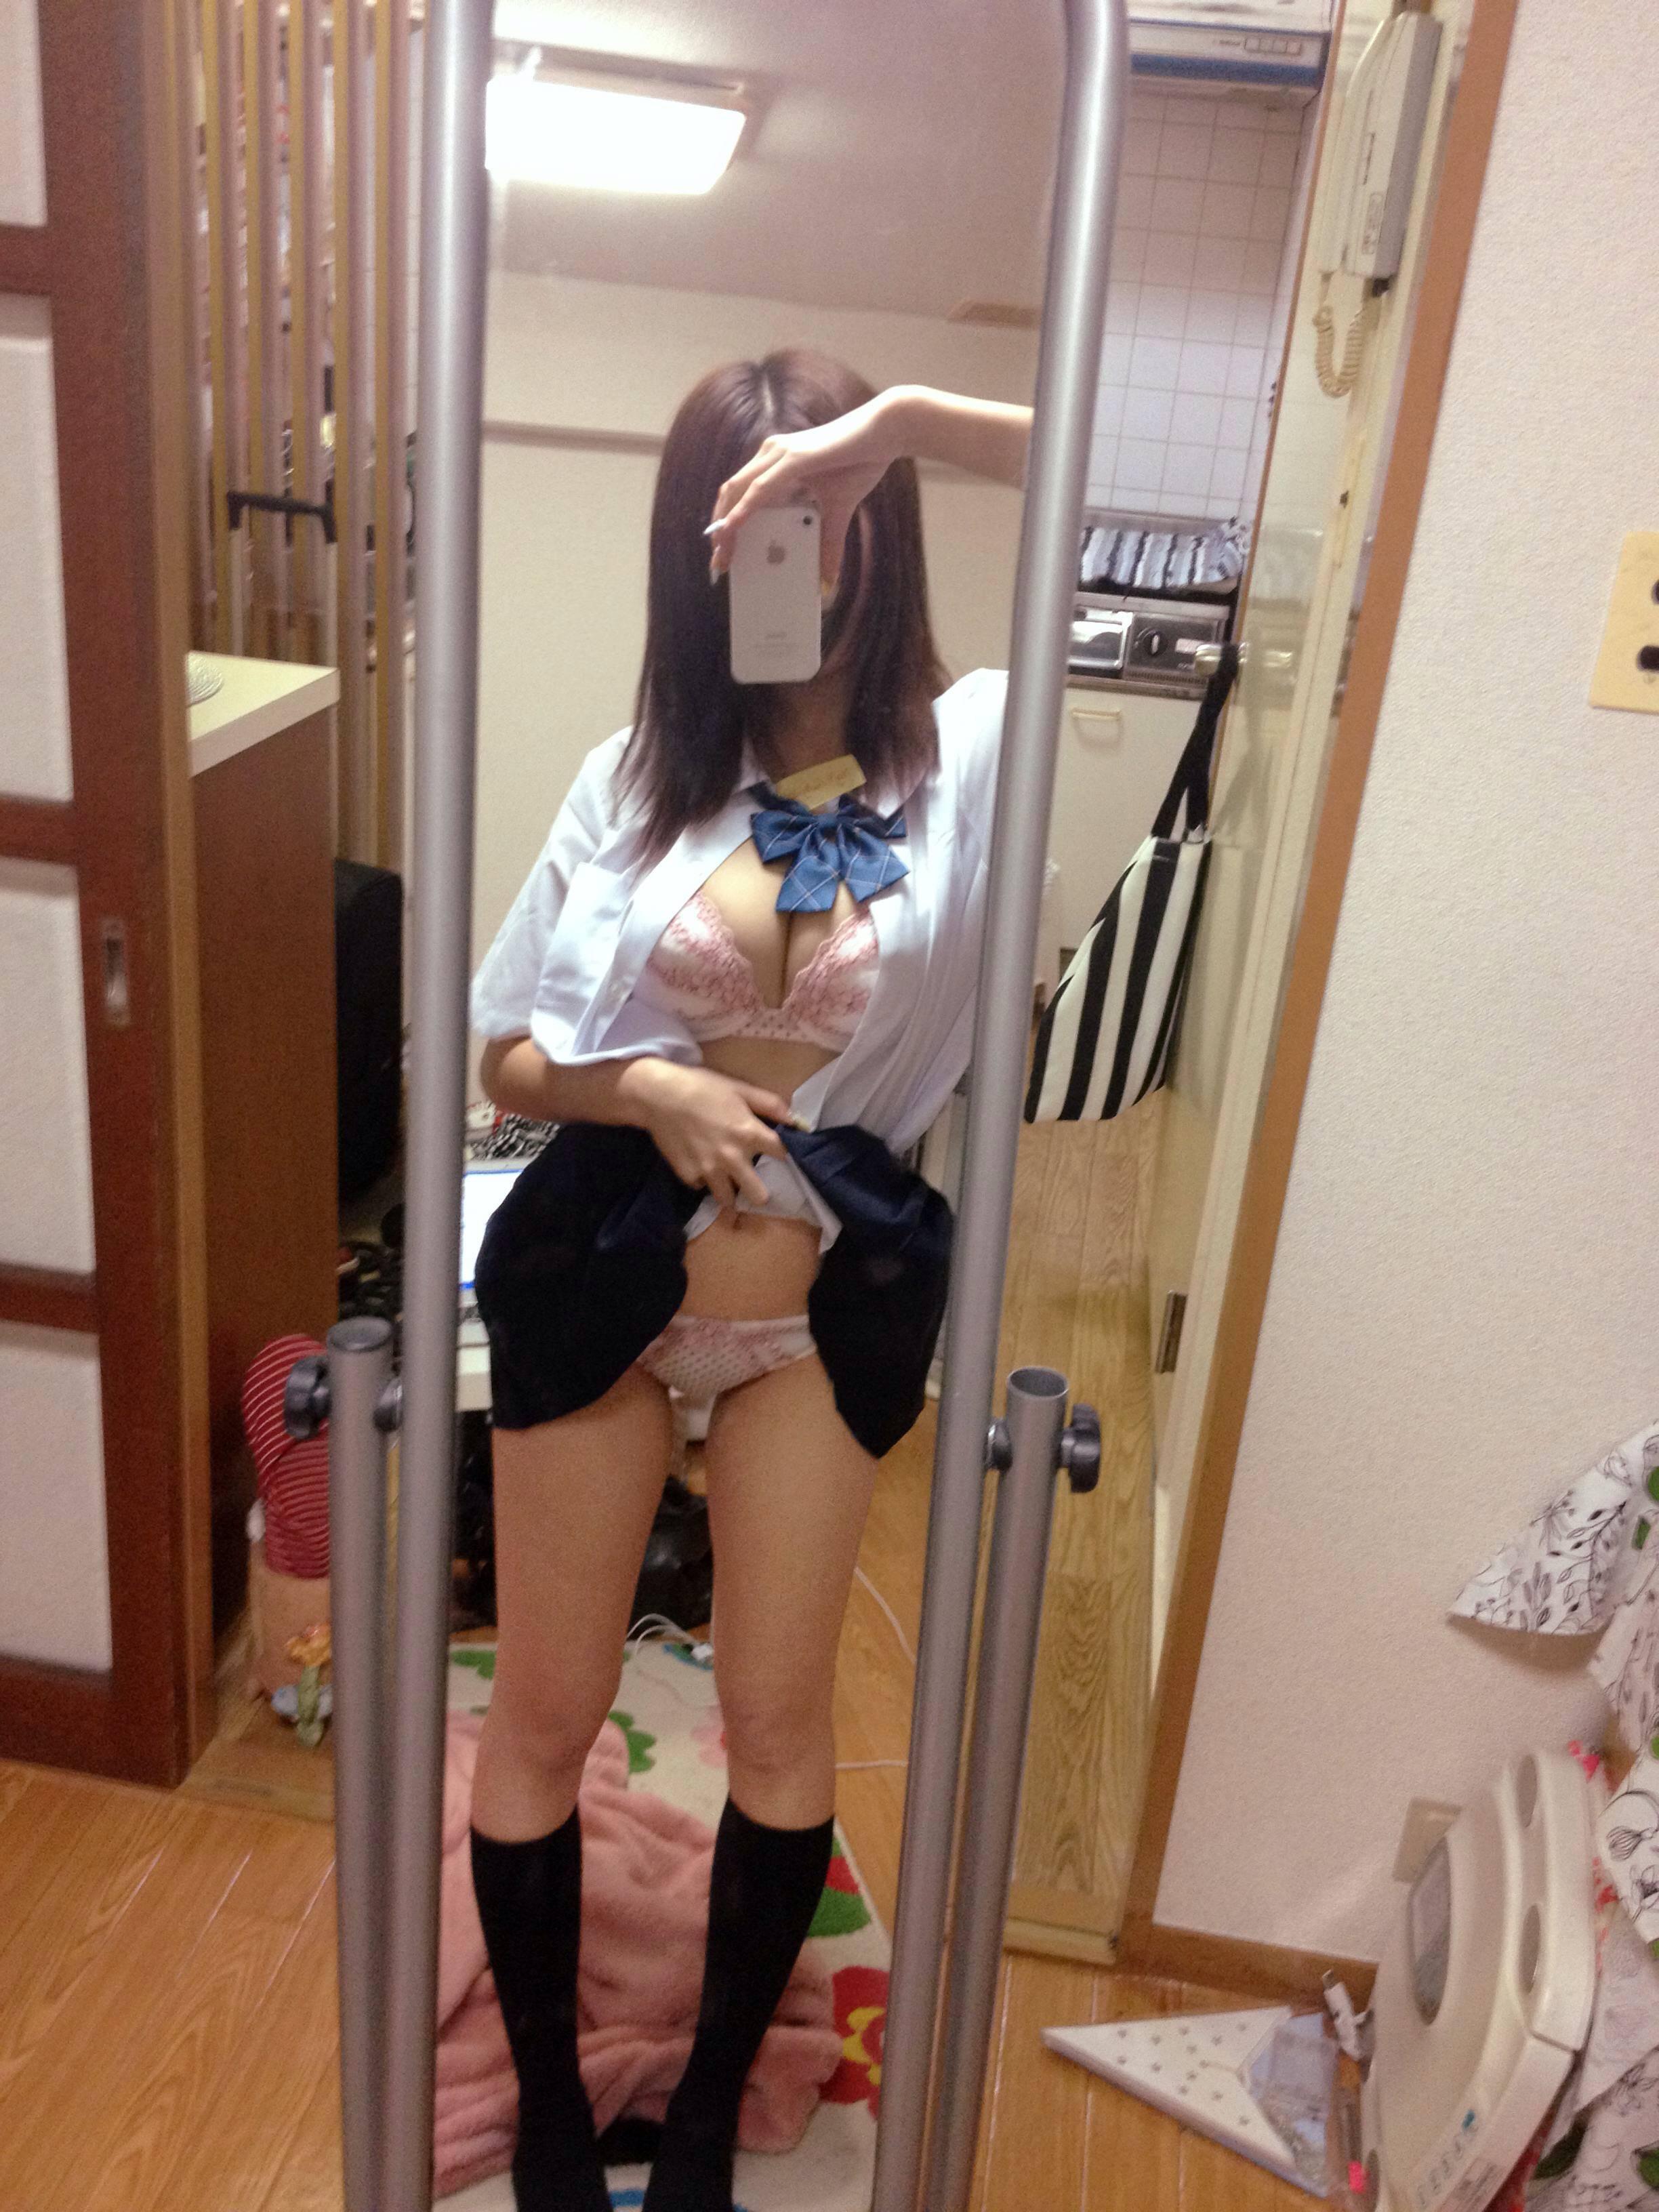 【童貞乙※】彼女作ったら女っておっぱいかパンツ見せてくれるの???? d5fbi5A